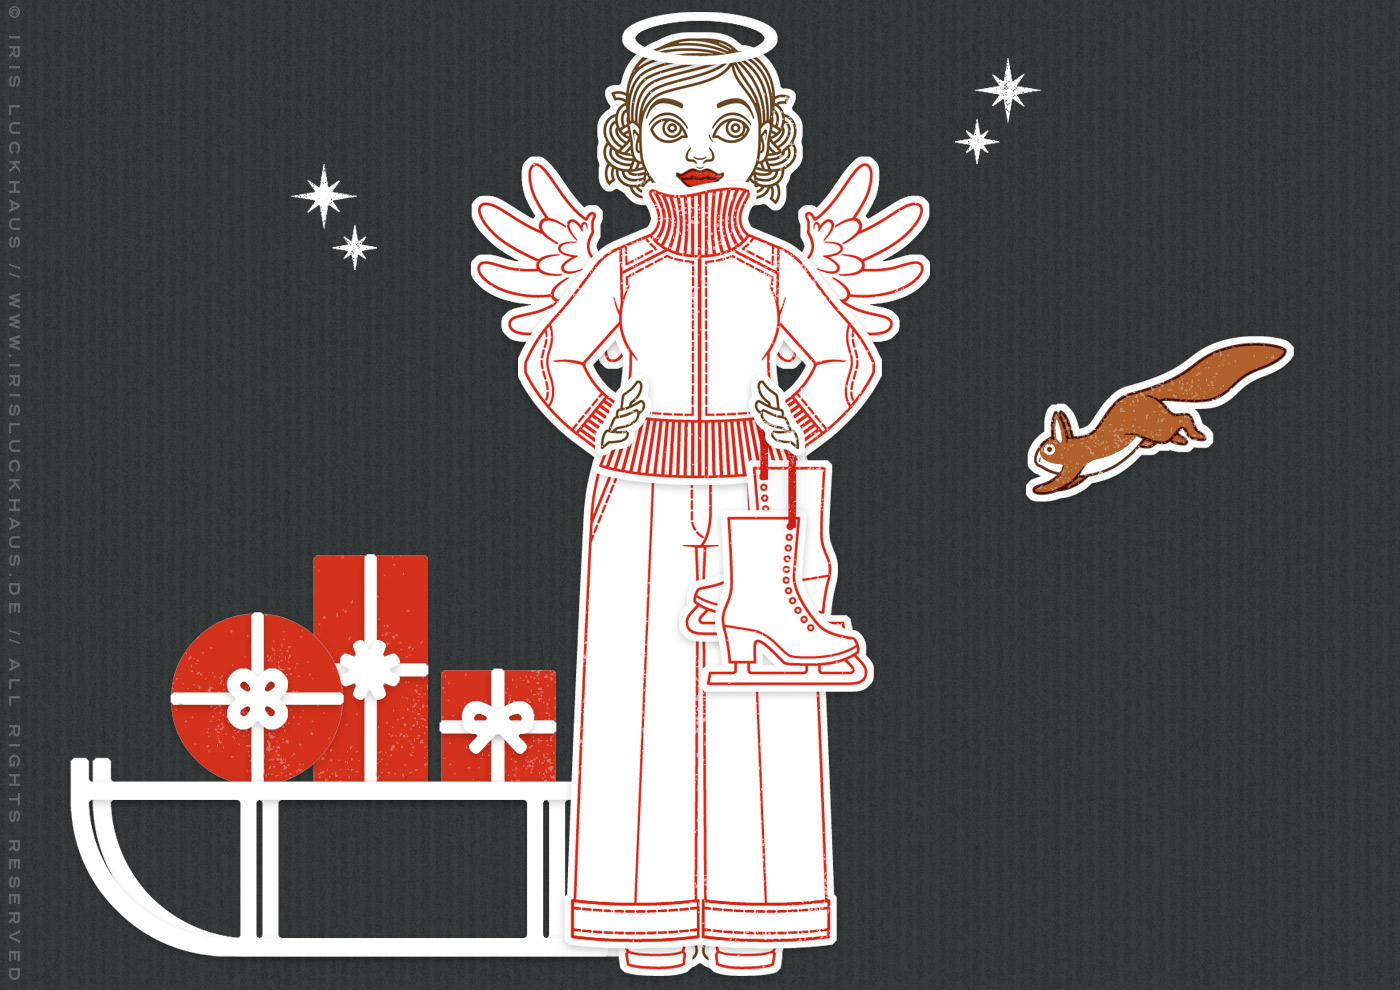 DIY Stempel und Stanzen für Anziehpuppe Gerti im Winter mit Schlitten, Schlittschuhen und Eichhörnchen, Engel, Flügeln und Geschenken zur Weihnacht